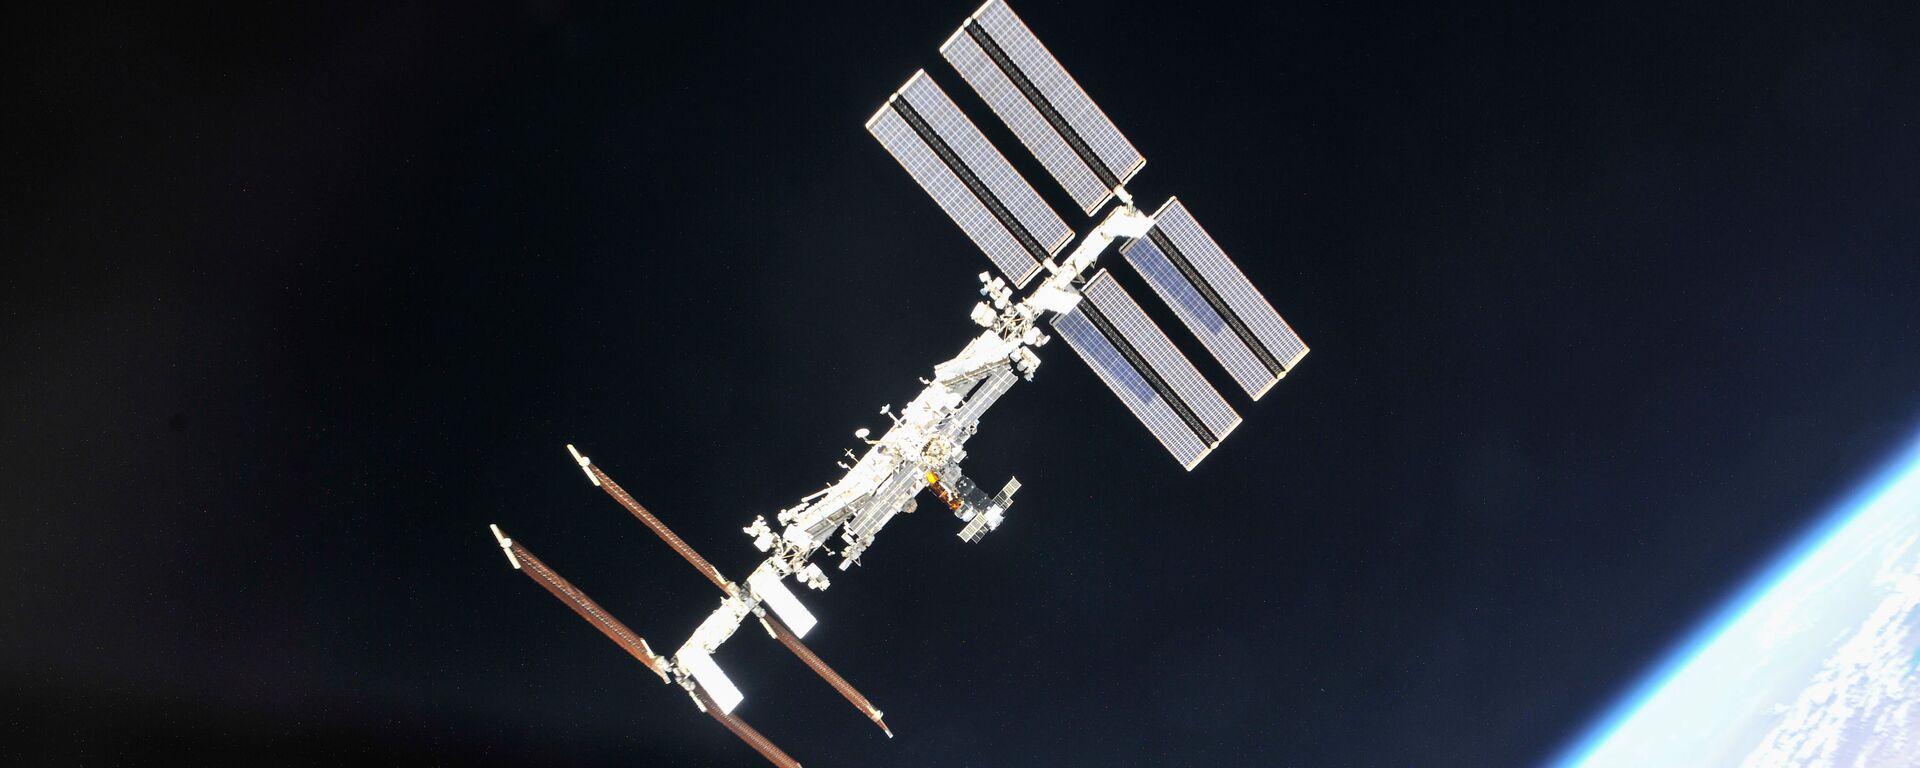 МКС с Союза  - Sputnik Ελλάδα, 1920, 05.10.2021